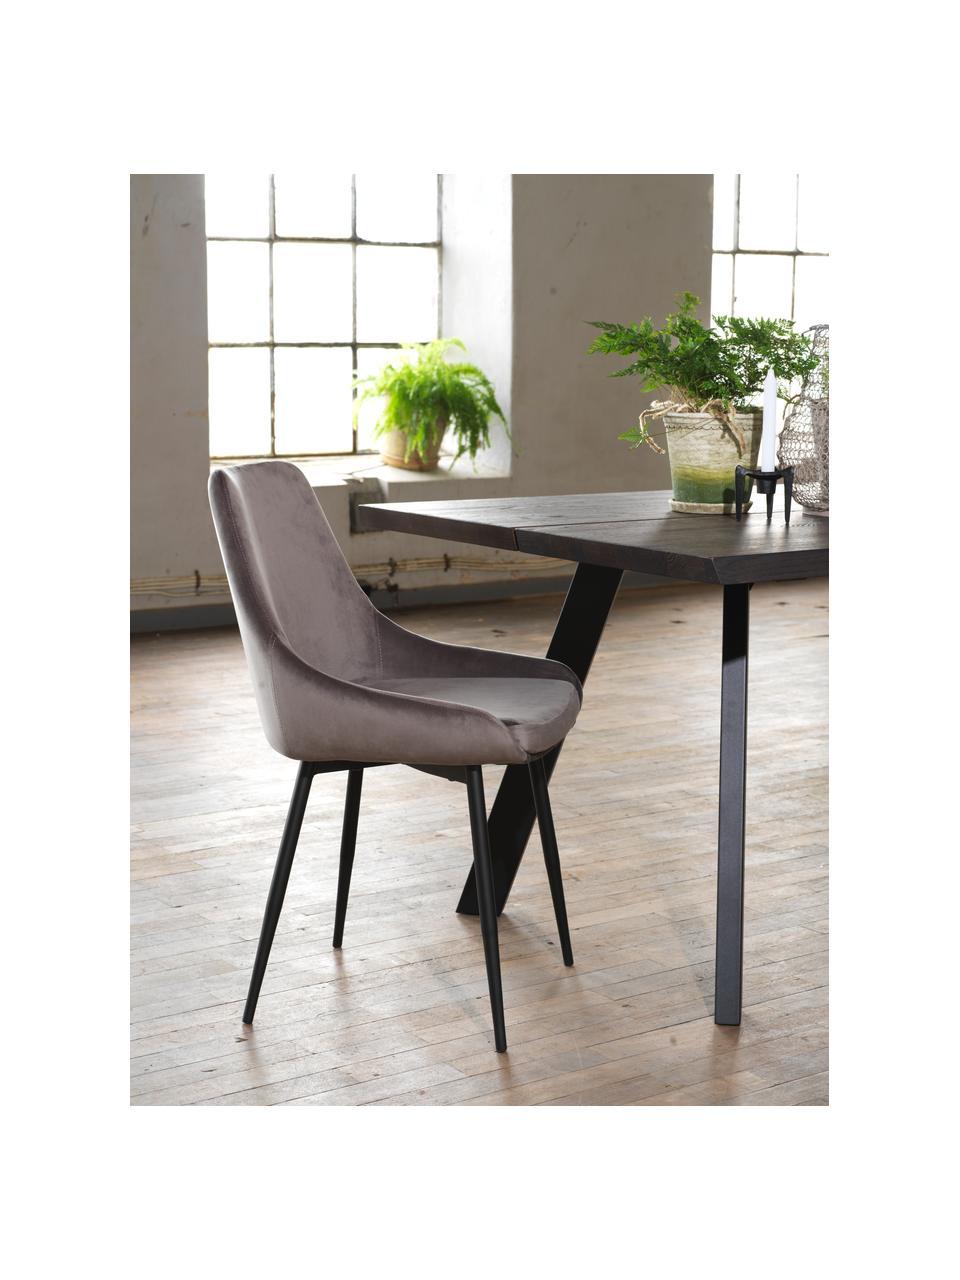 Fluwelen stoelen Sierra, 2 stuks, Bekleding: polyester fluweel, Poten: gelakt metaal, Fluweel grijs, poten zwart, B 49 x D 55 cm